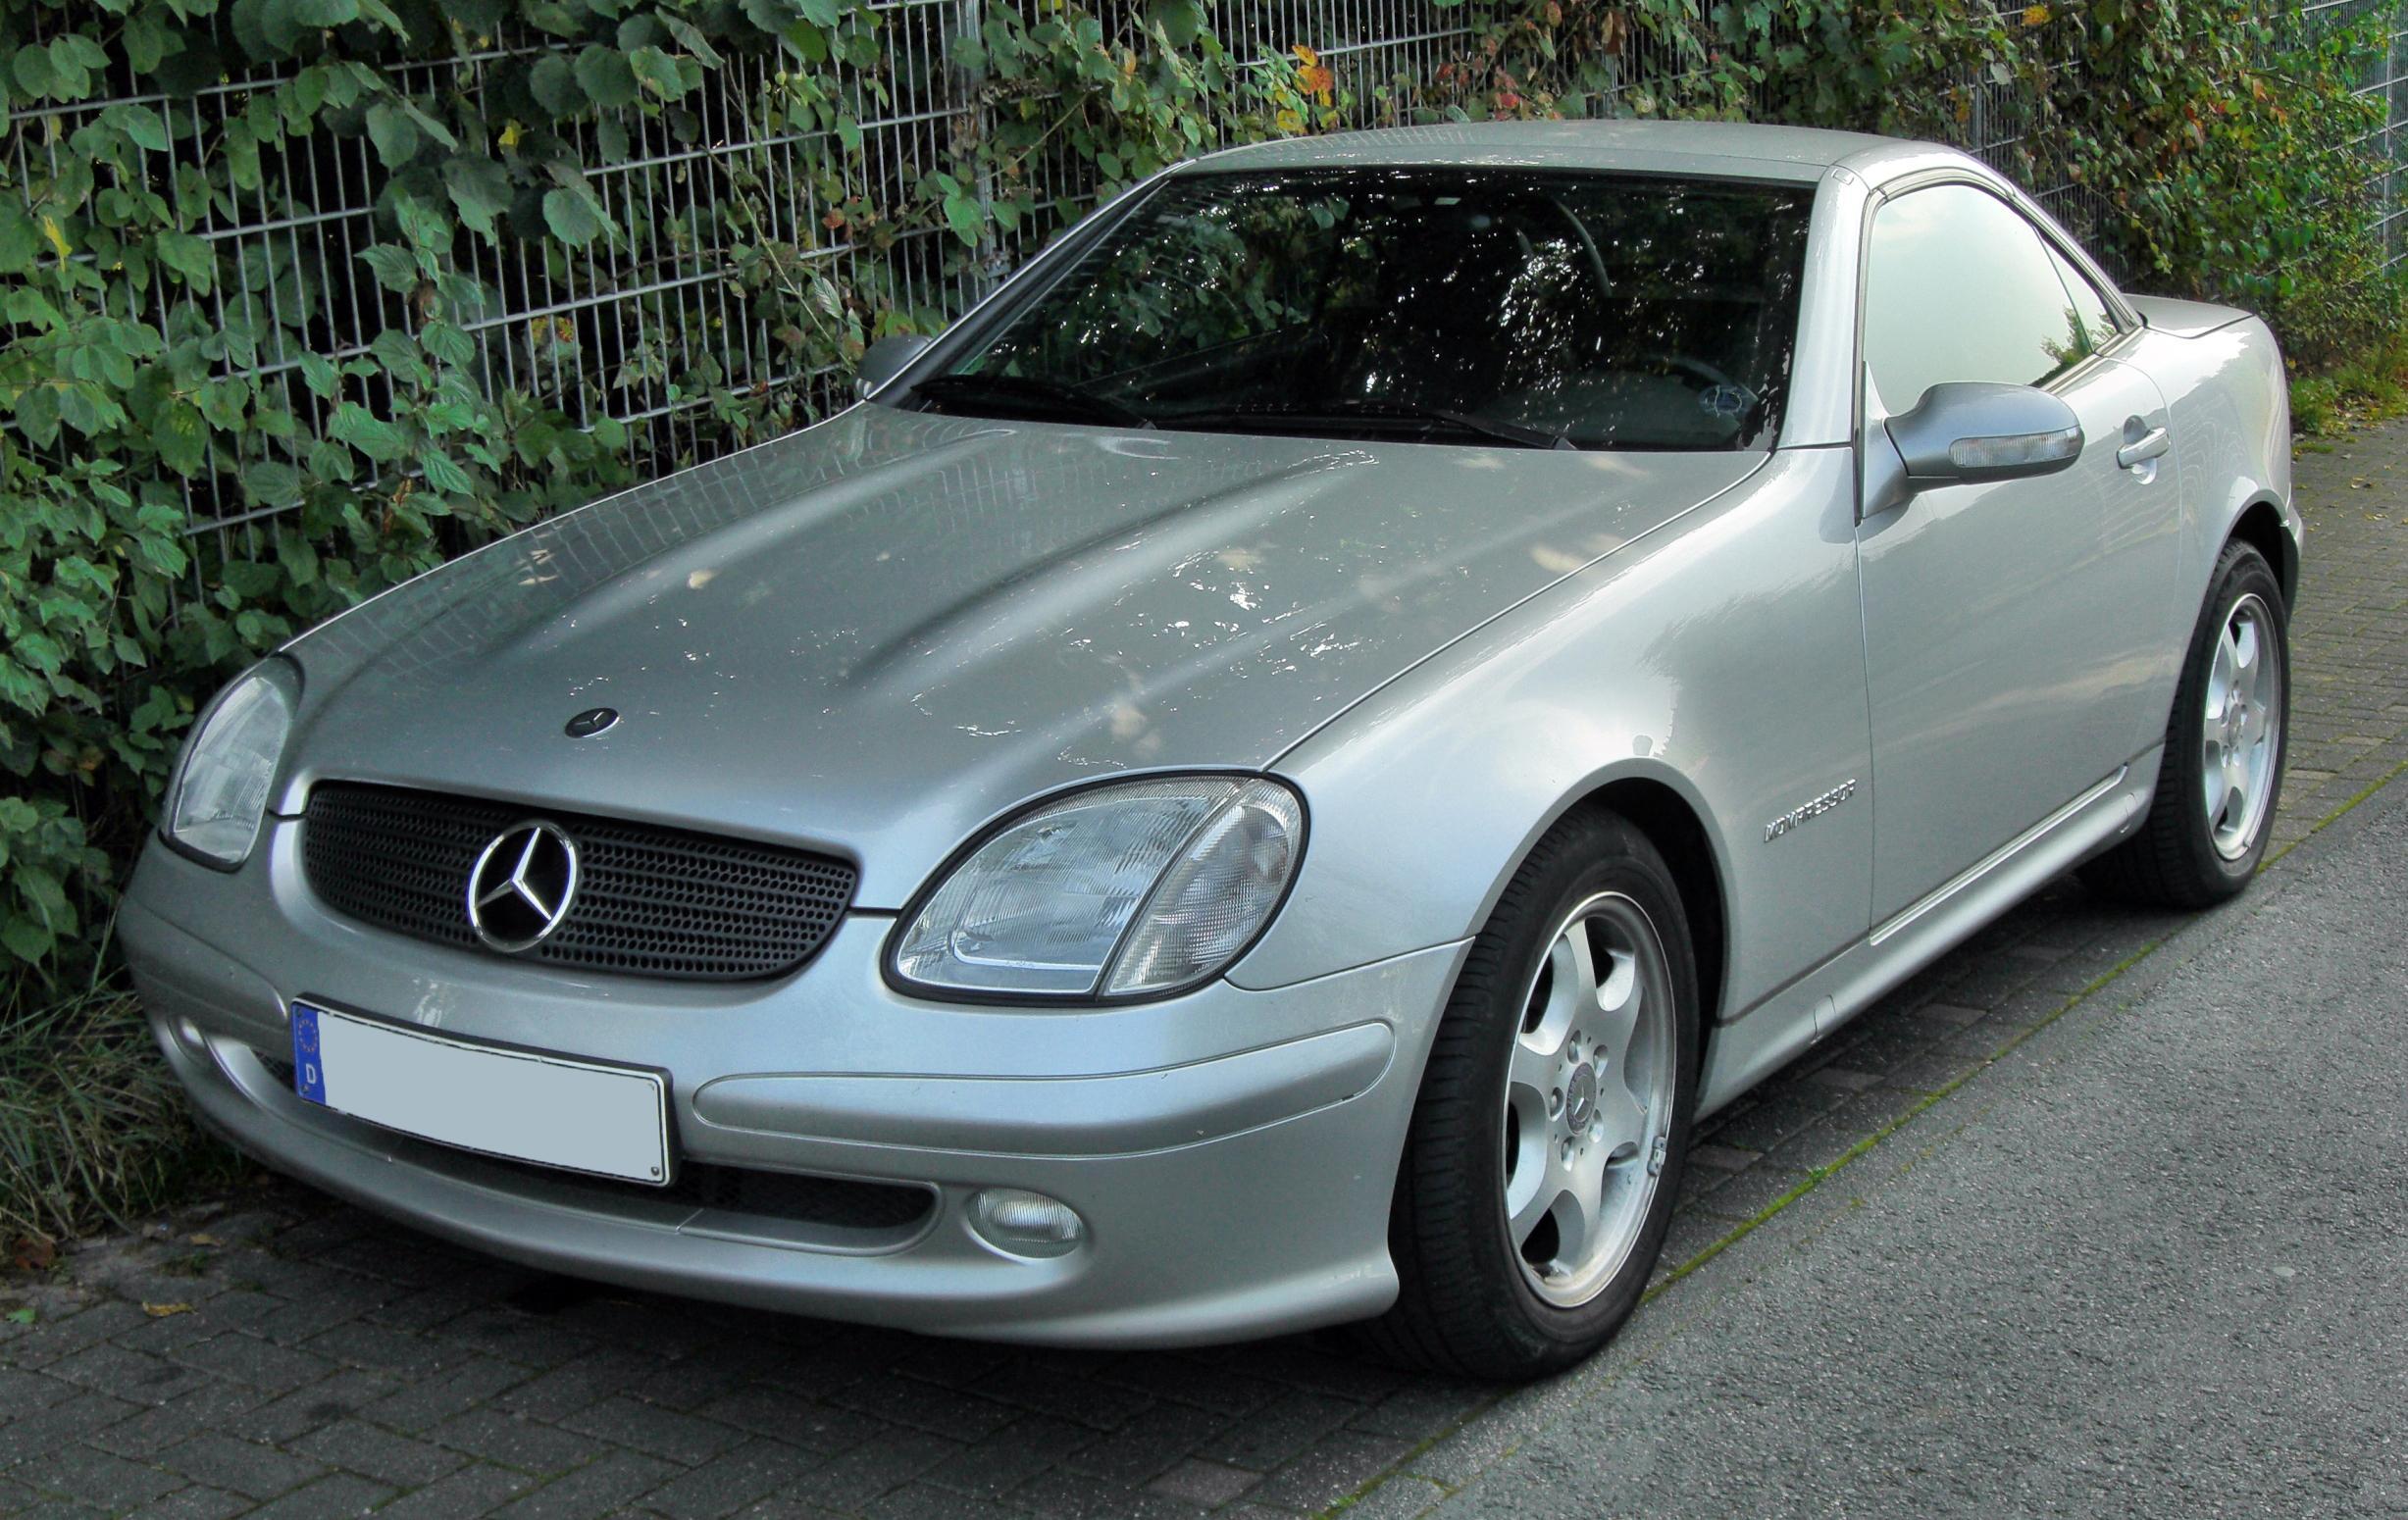 Mercedes-Benz SLK-klasse I (R170) 1996 - 2000 Roadster #8